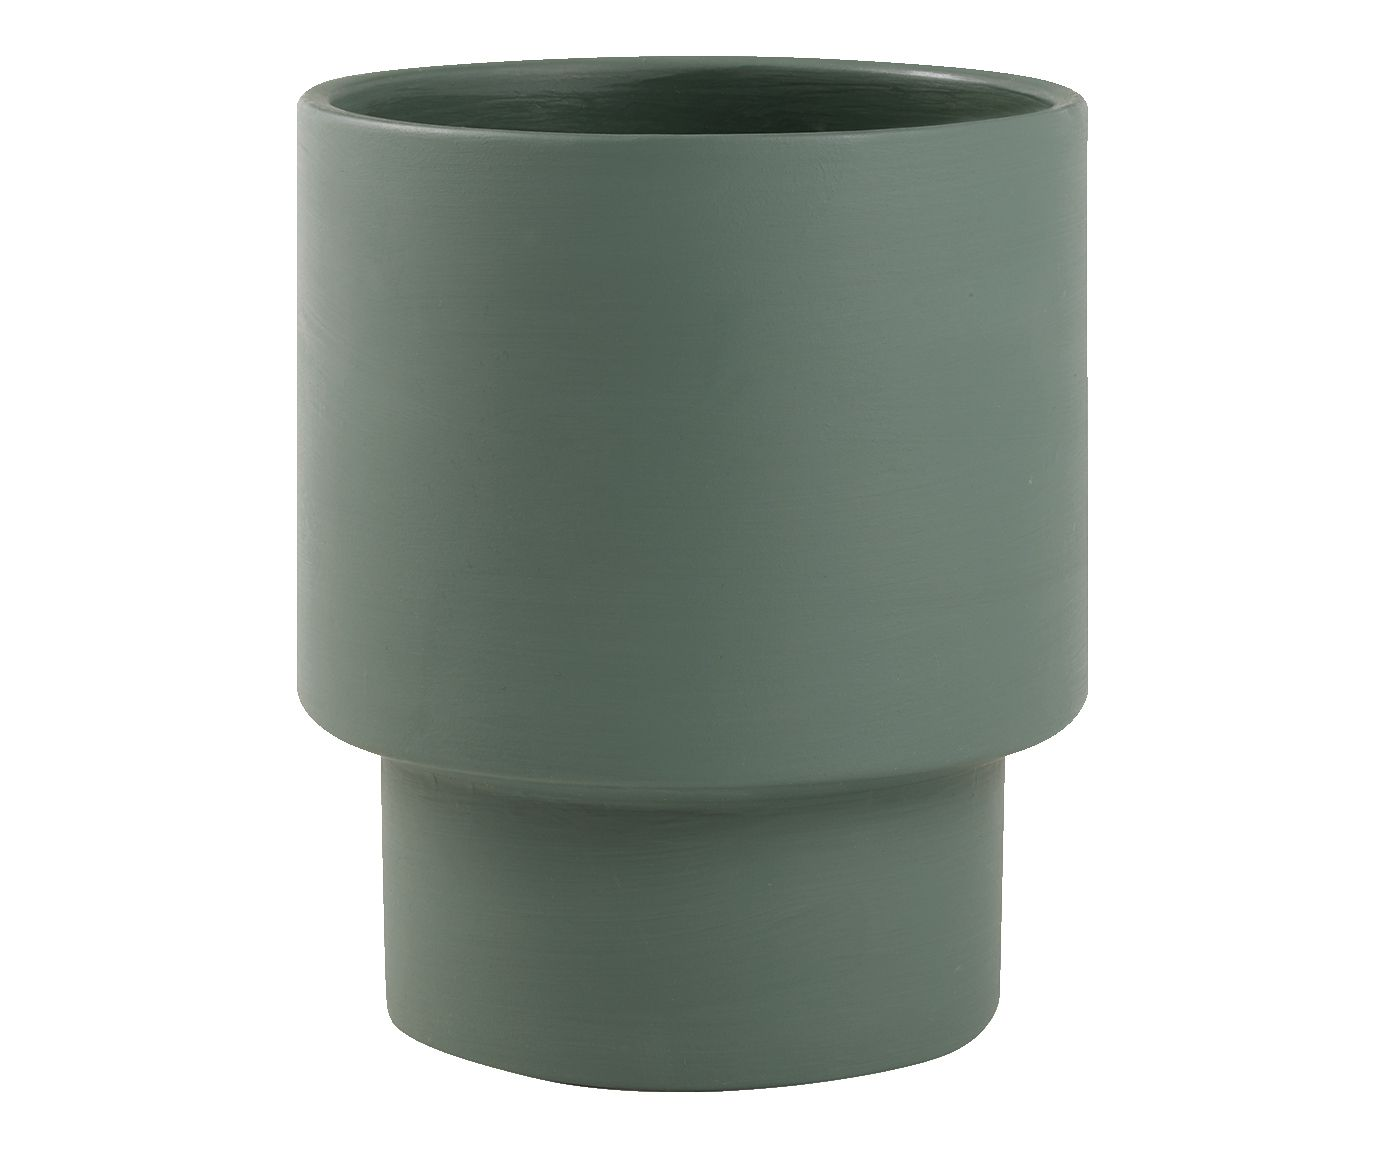 Vaso Antlia Verde - 17cm   Westwing.com.br